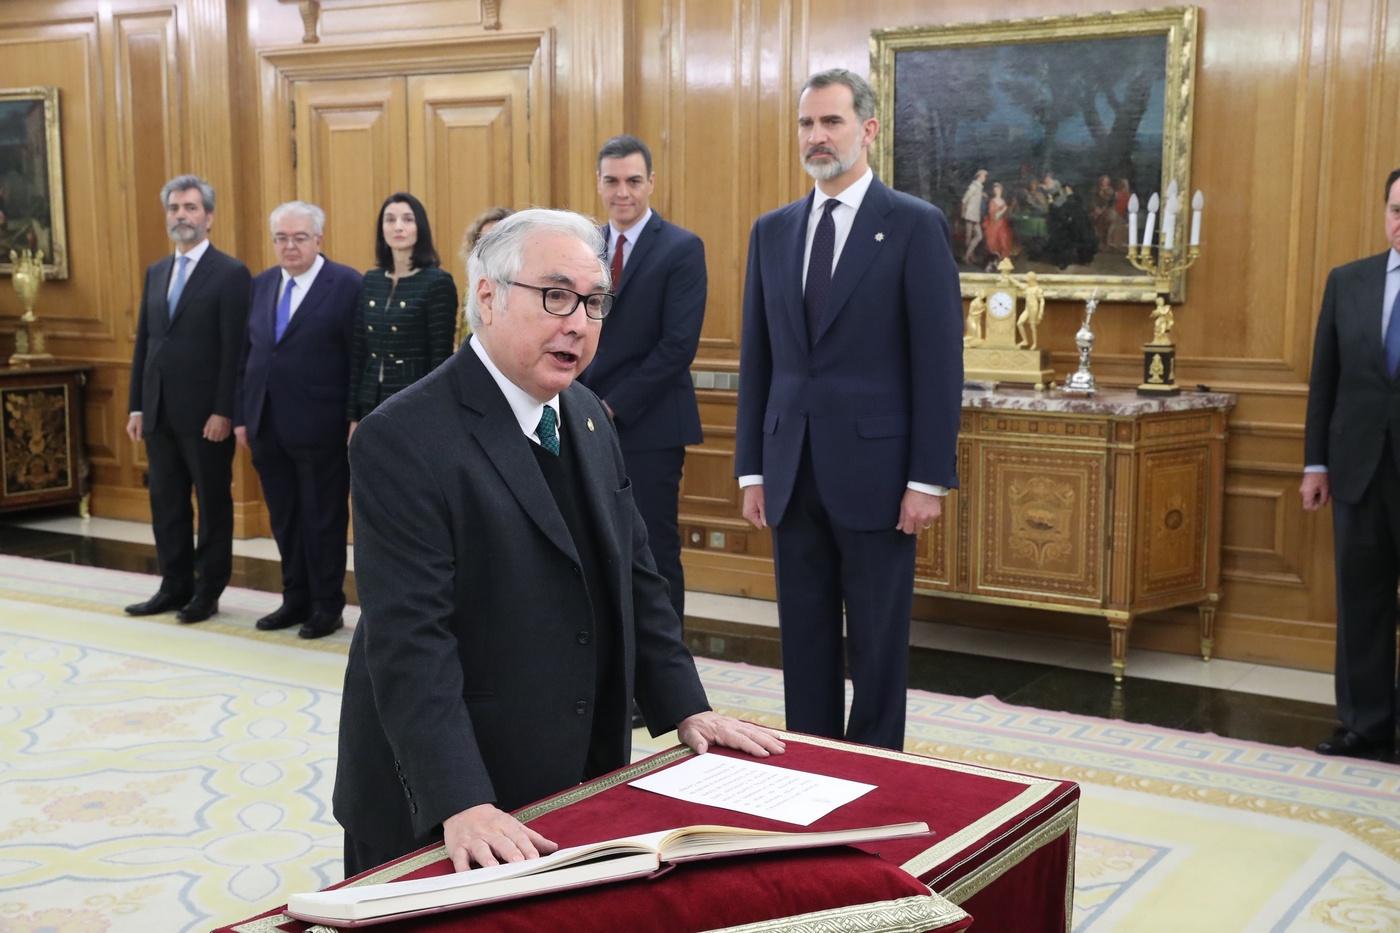 https://www.casareal.es/sitios/ListasAux/Galeras/20200113-PROMESA_DE_LOS_MINISTROS_DEL_N-ES-230187/rey_promesa_ministros_20200113_22.jpg